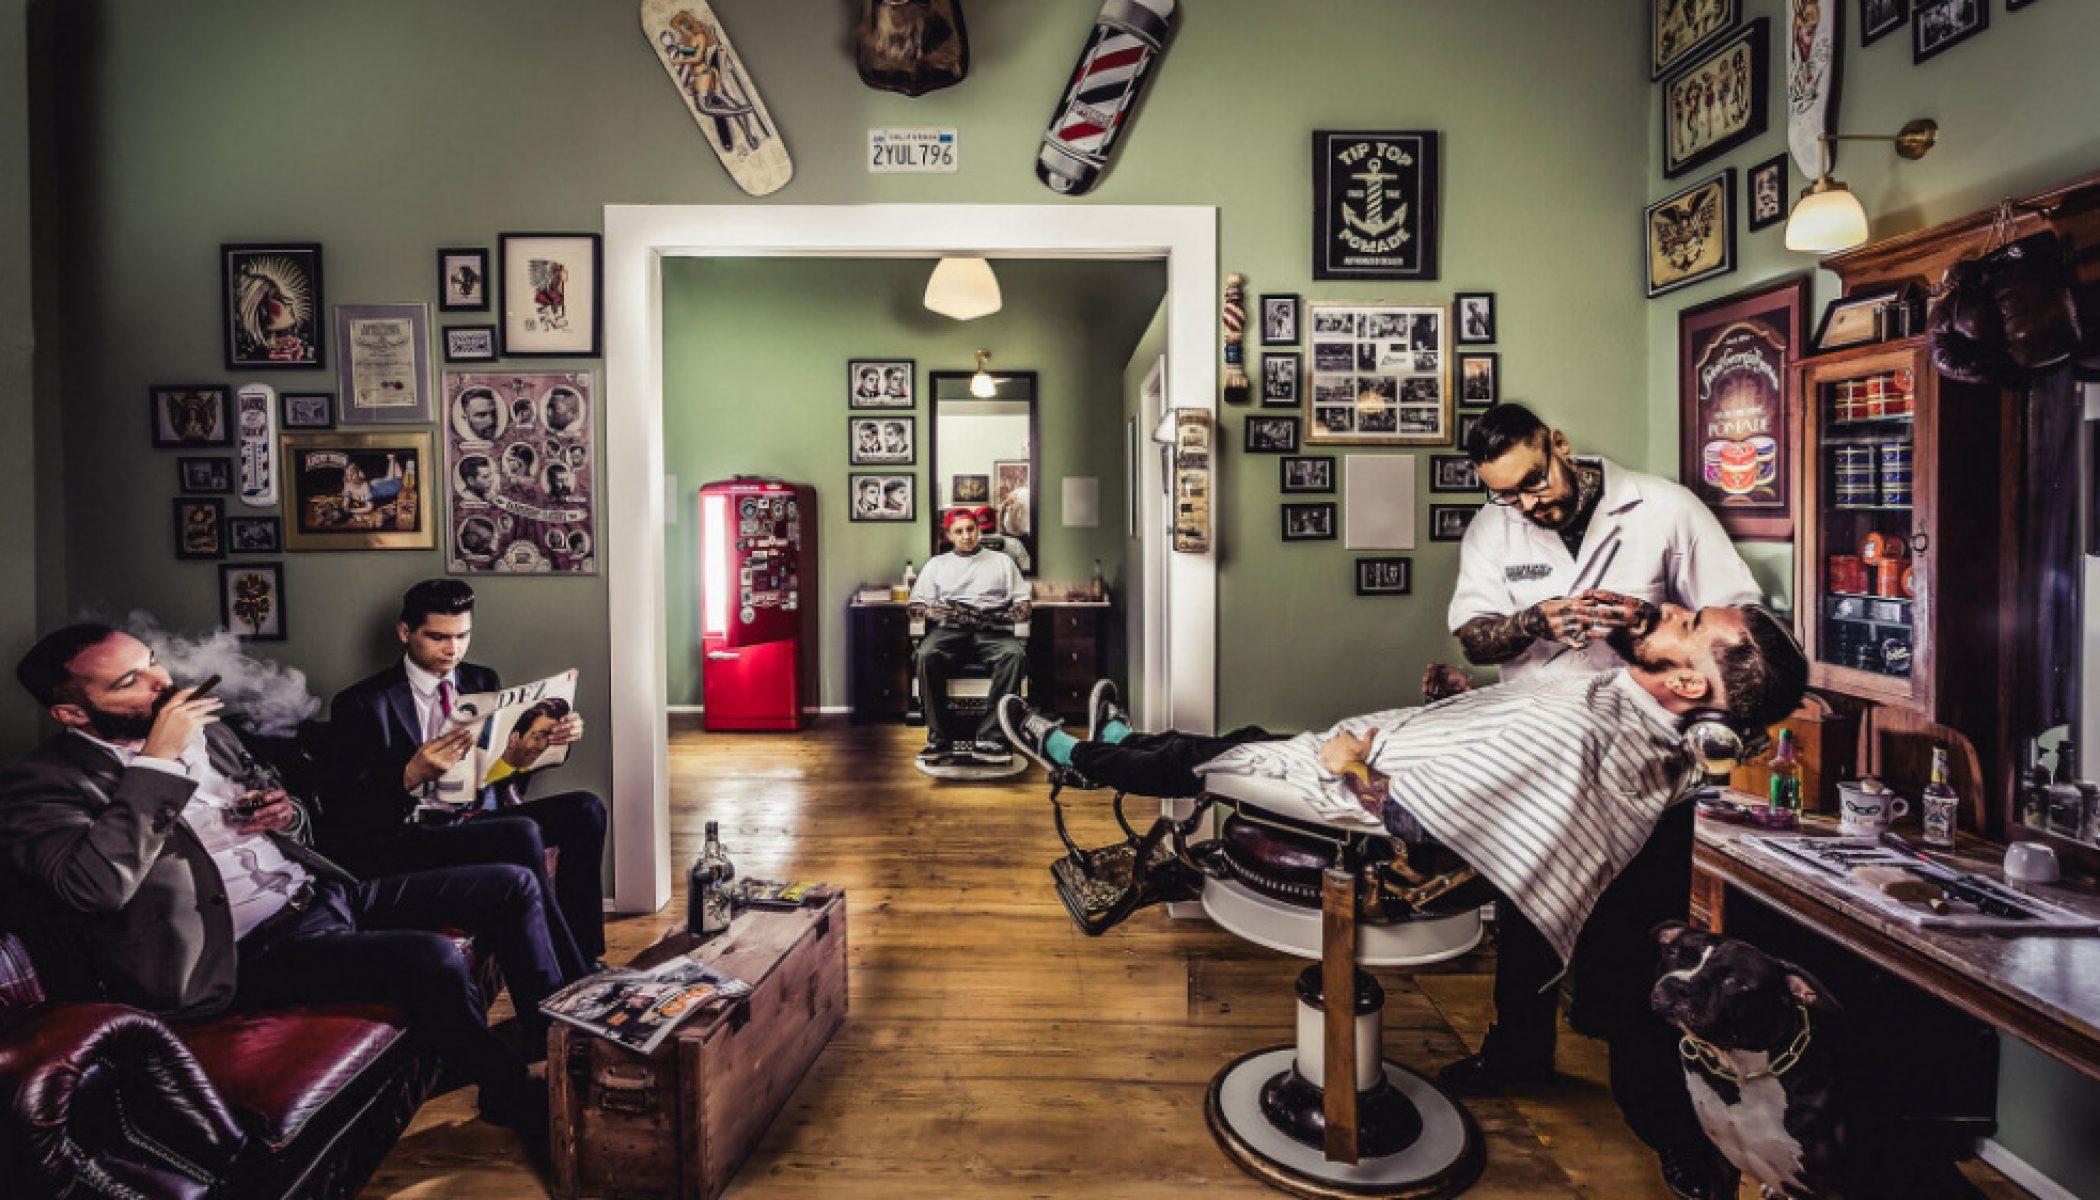 Как привлечь клиентов в барбершоп? | Kyivstar Business Hub image №1